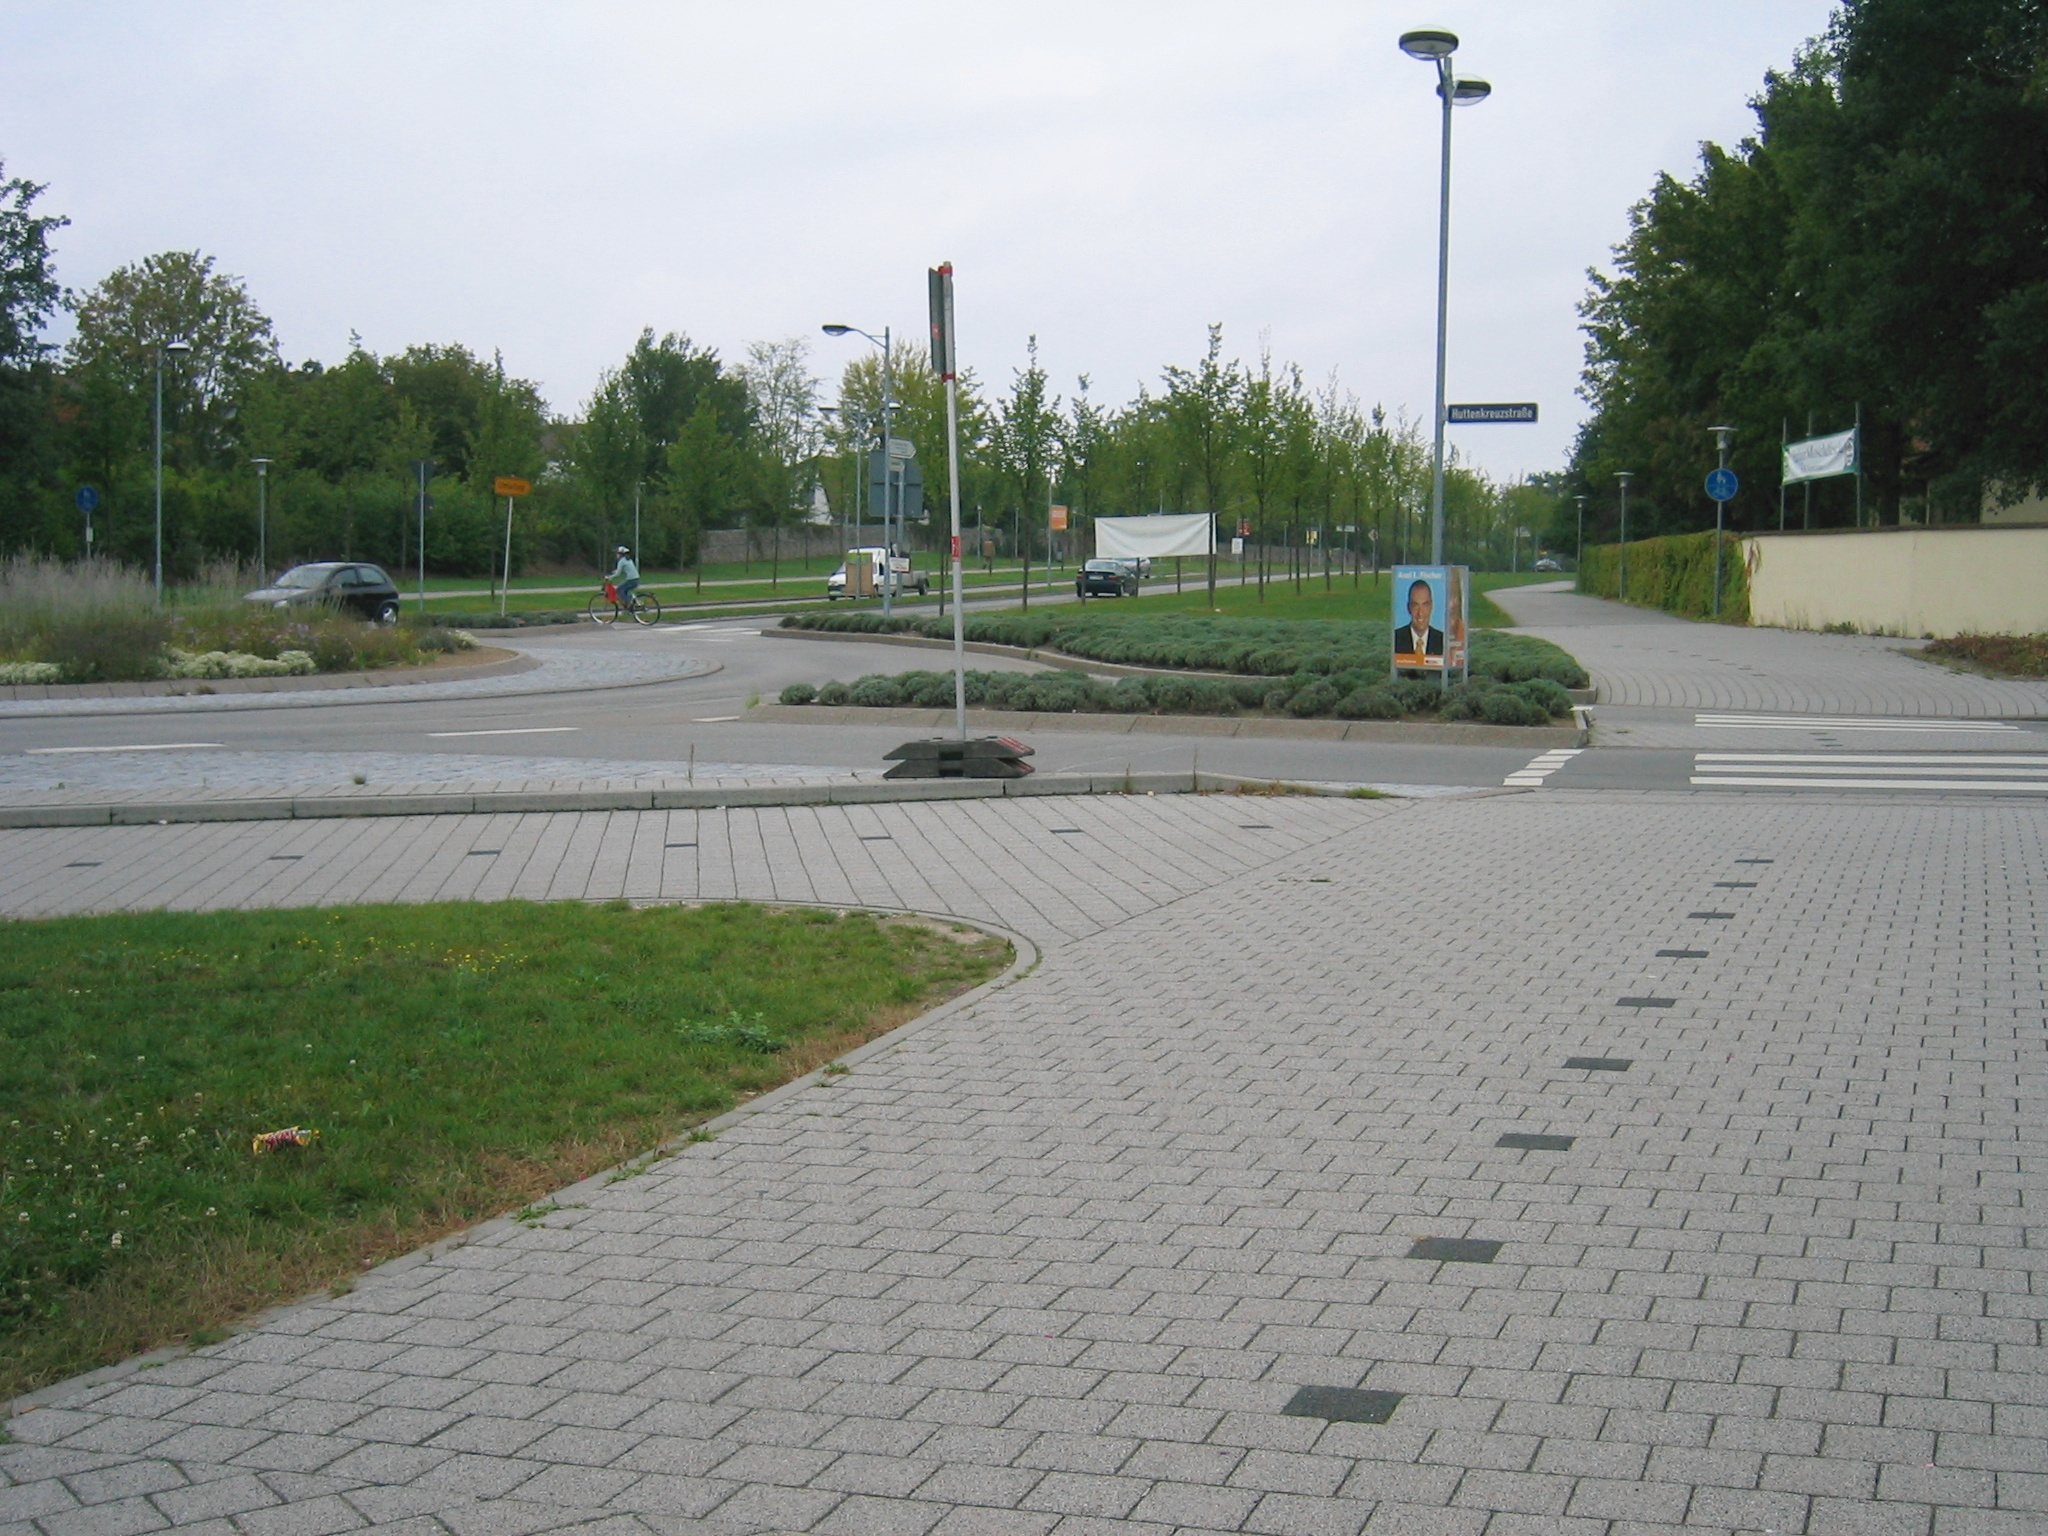 Fußgängerüberweg im Kreisverkehr mit Vorrang für Radfahrer